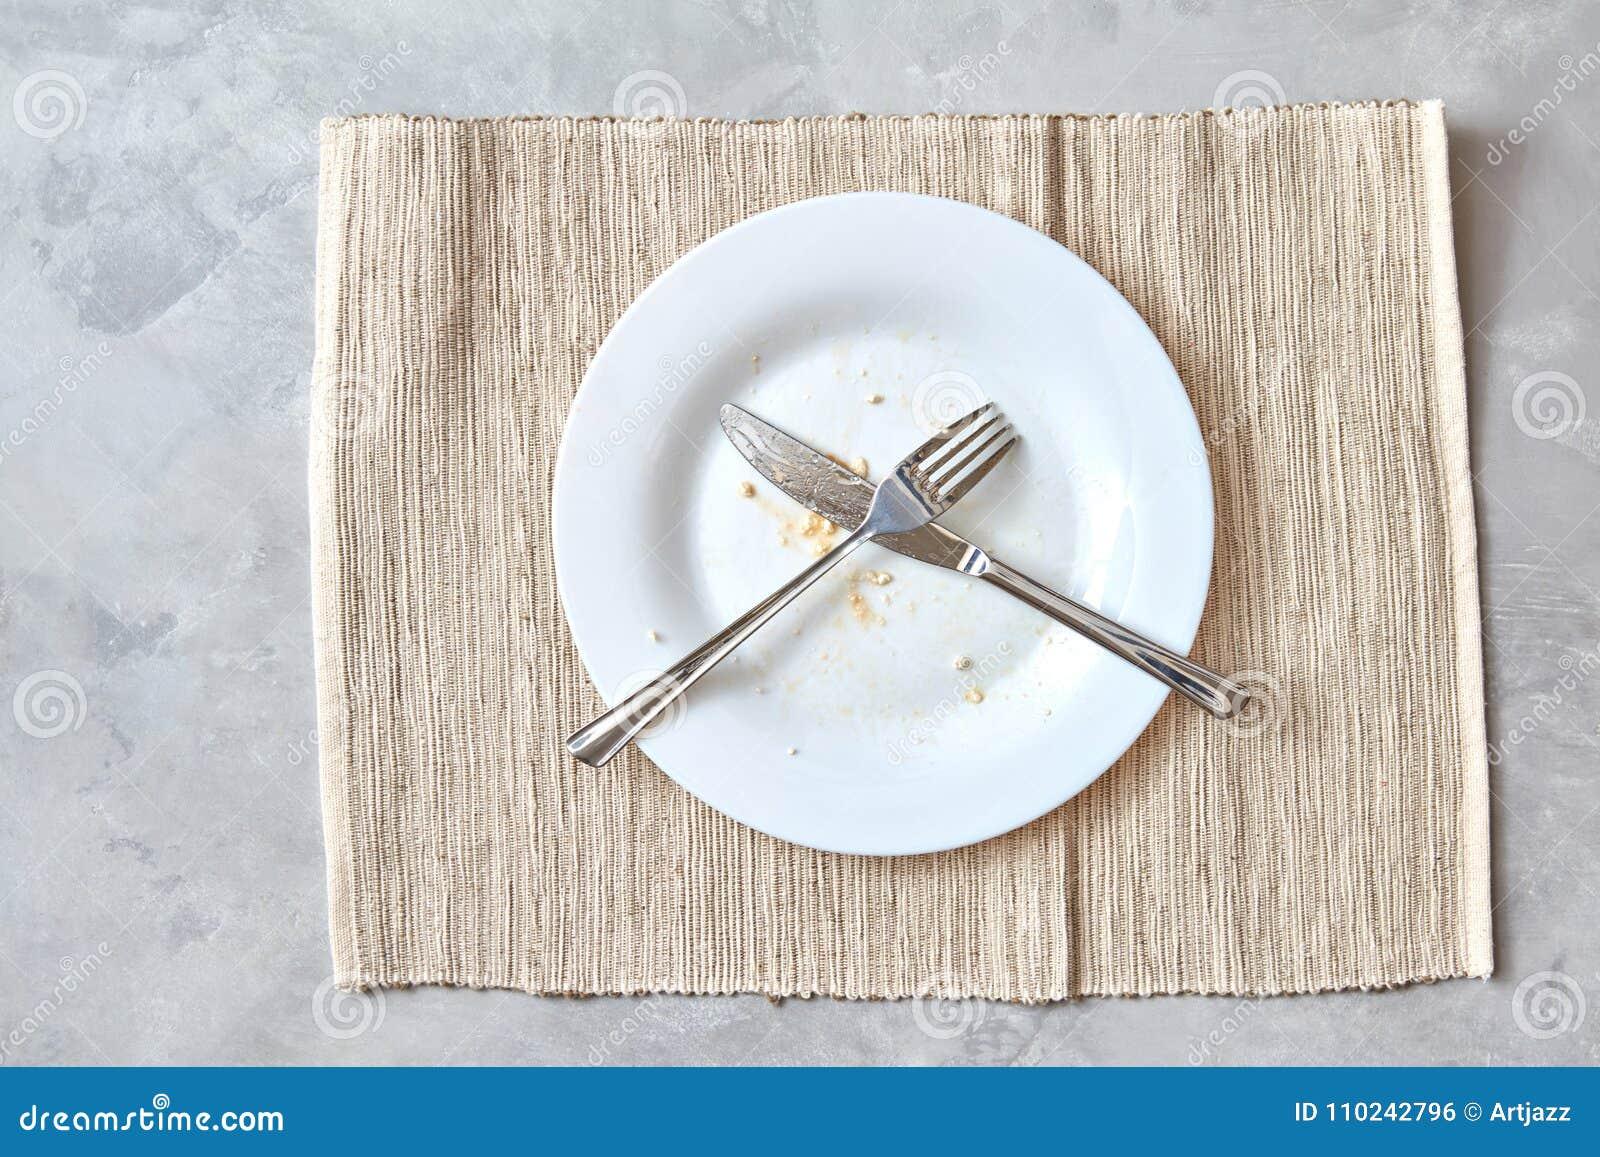 Asphaltieren Sie Gabel und Messer auf einer Steintabelle Anordnung für Tischbesteck nach Mahlzeiten